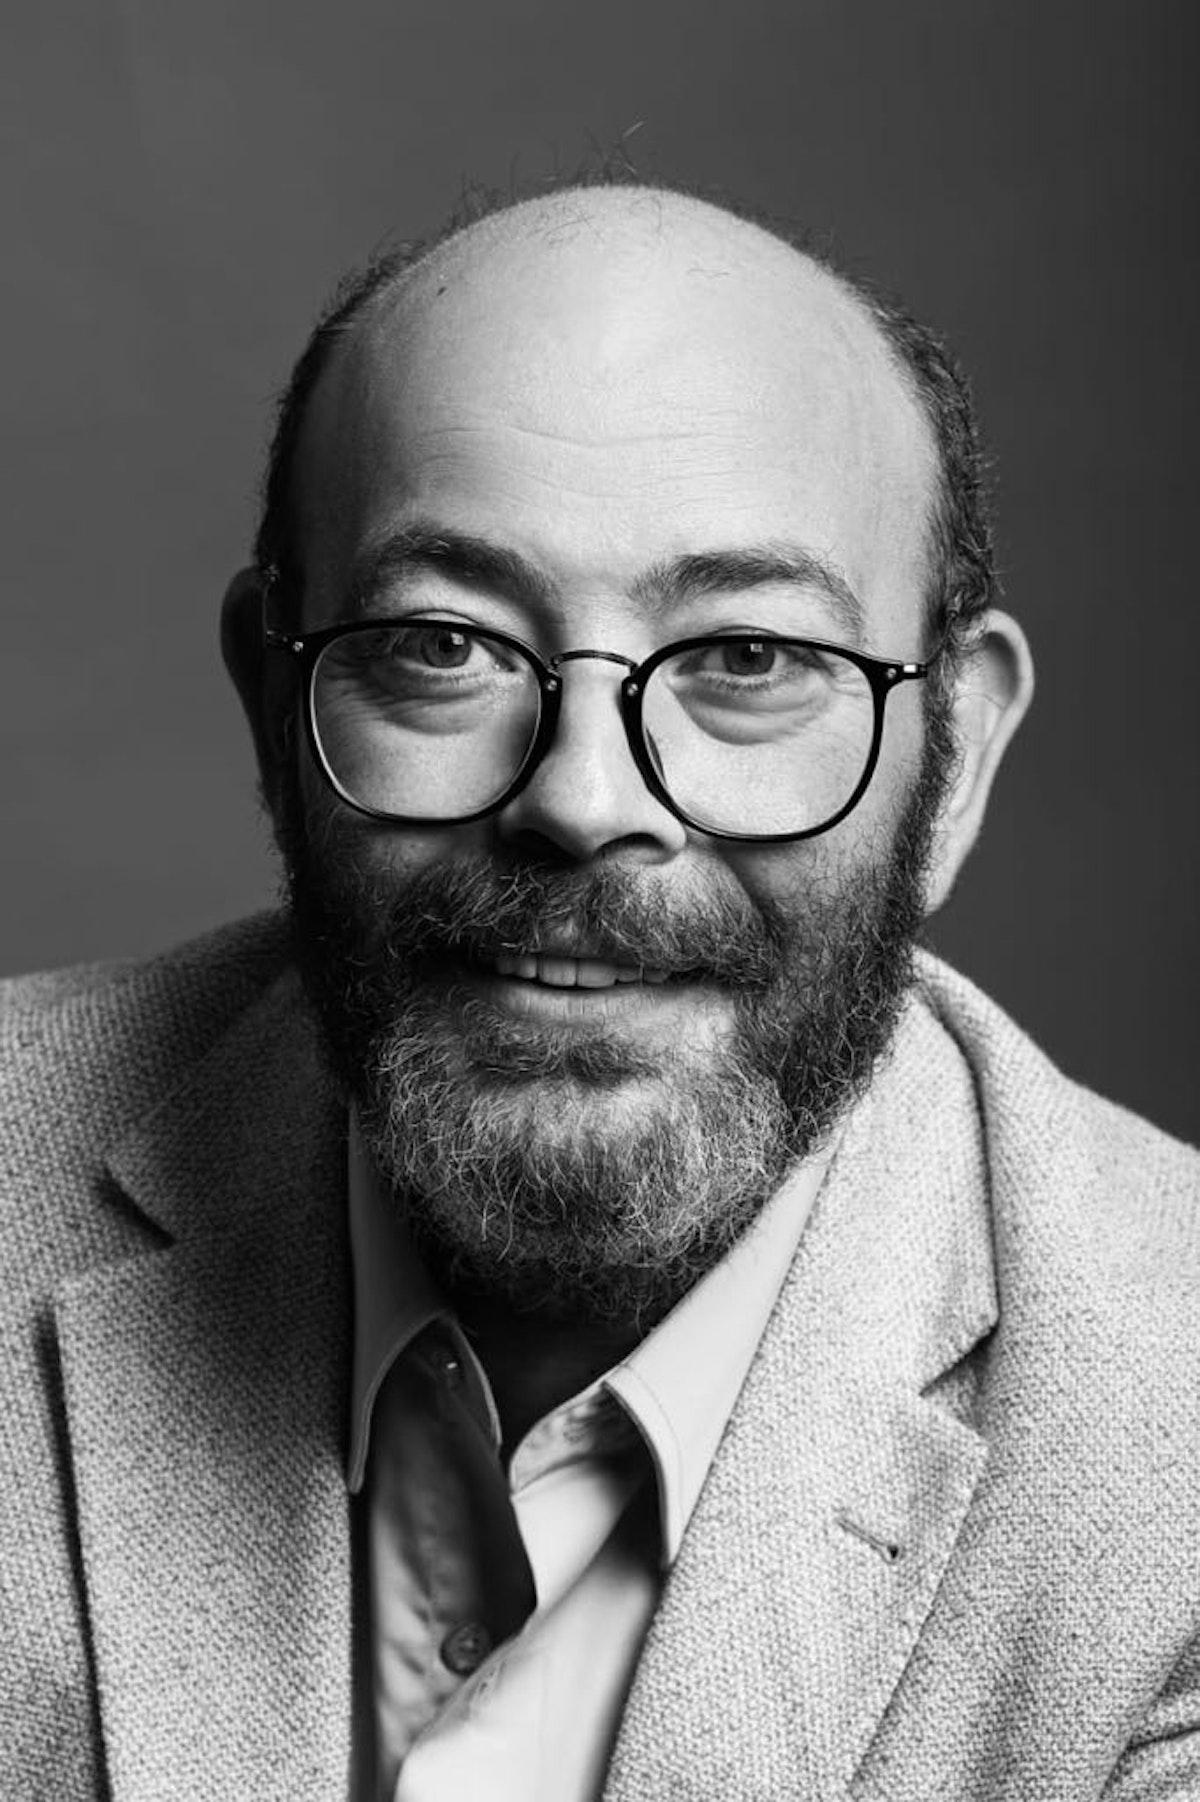 المخرج المصري عادل أديب - المكتب الإعلامي للشركة المنتجة